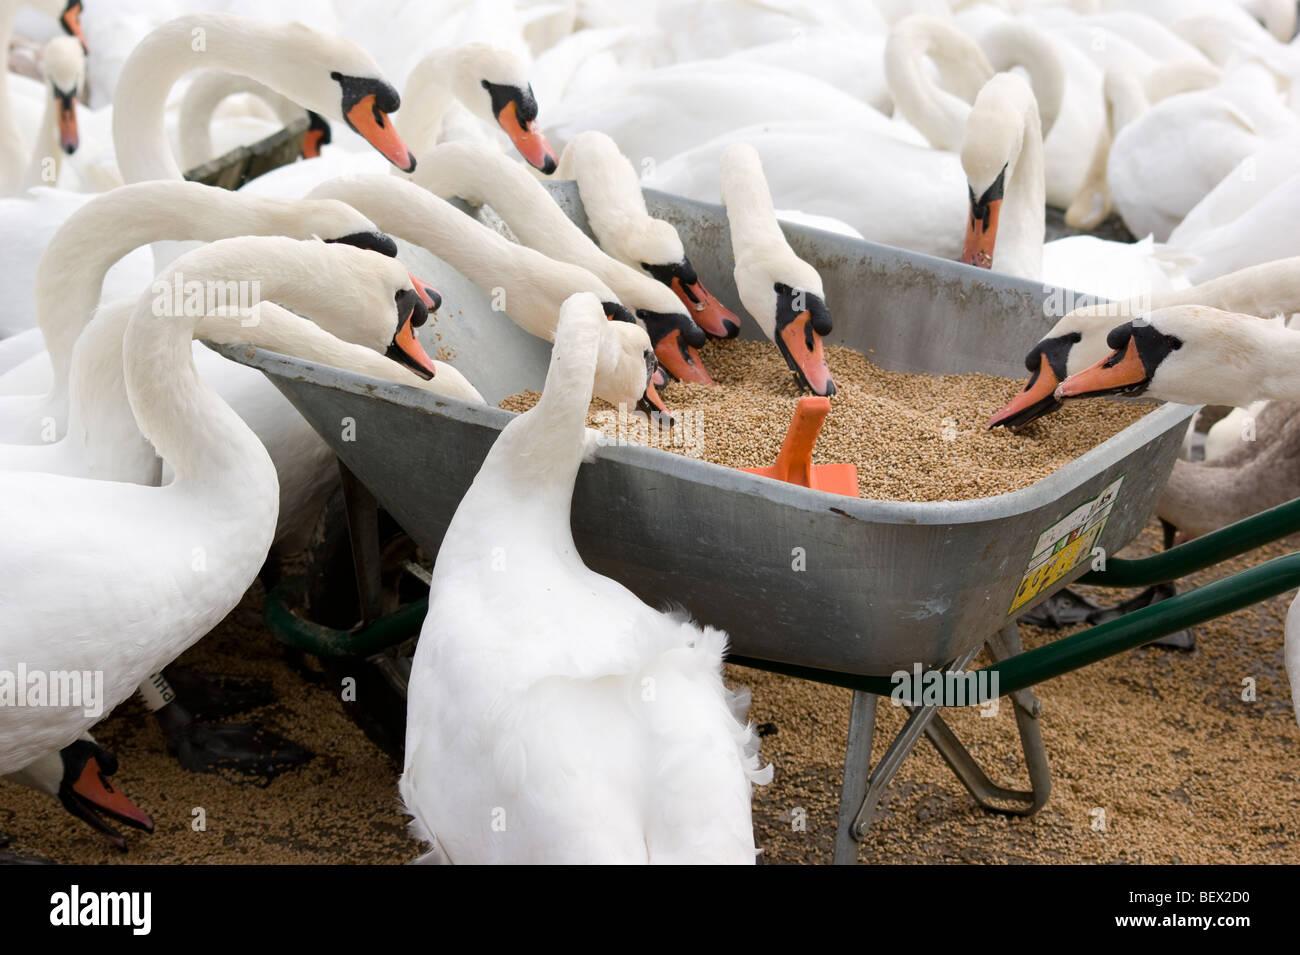 Swans feeding from a wheelbarrow. - Stock Image